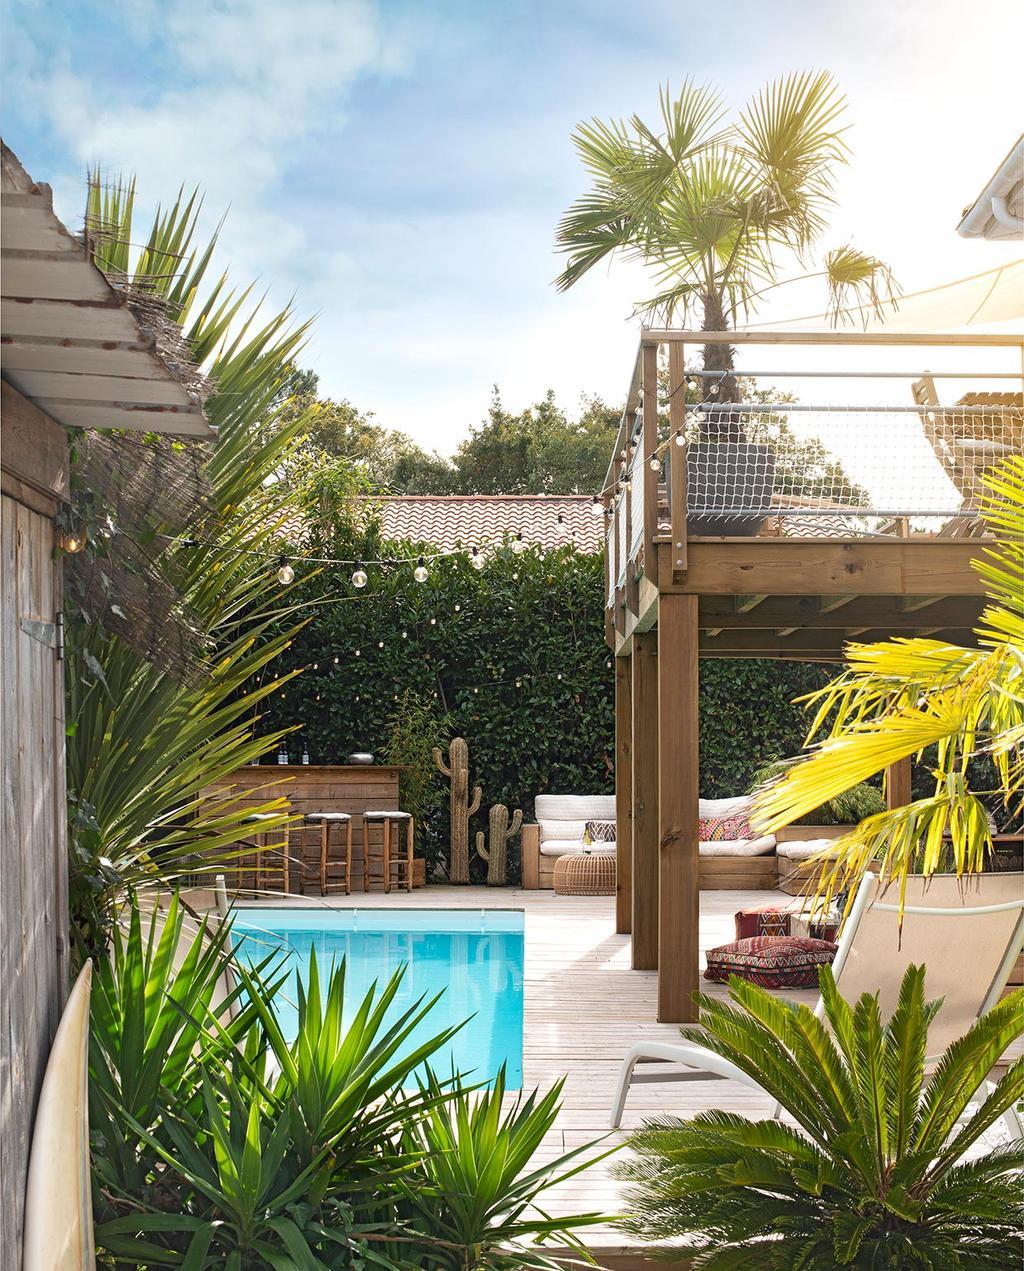 vtwonen binnenkijk special 07-2021 | zwembad met hanglampjes en tuinstoelen